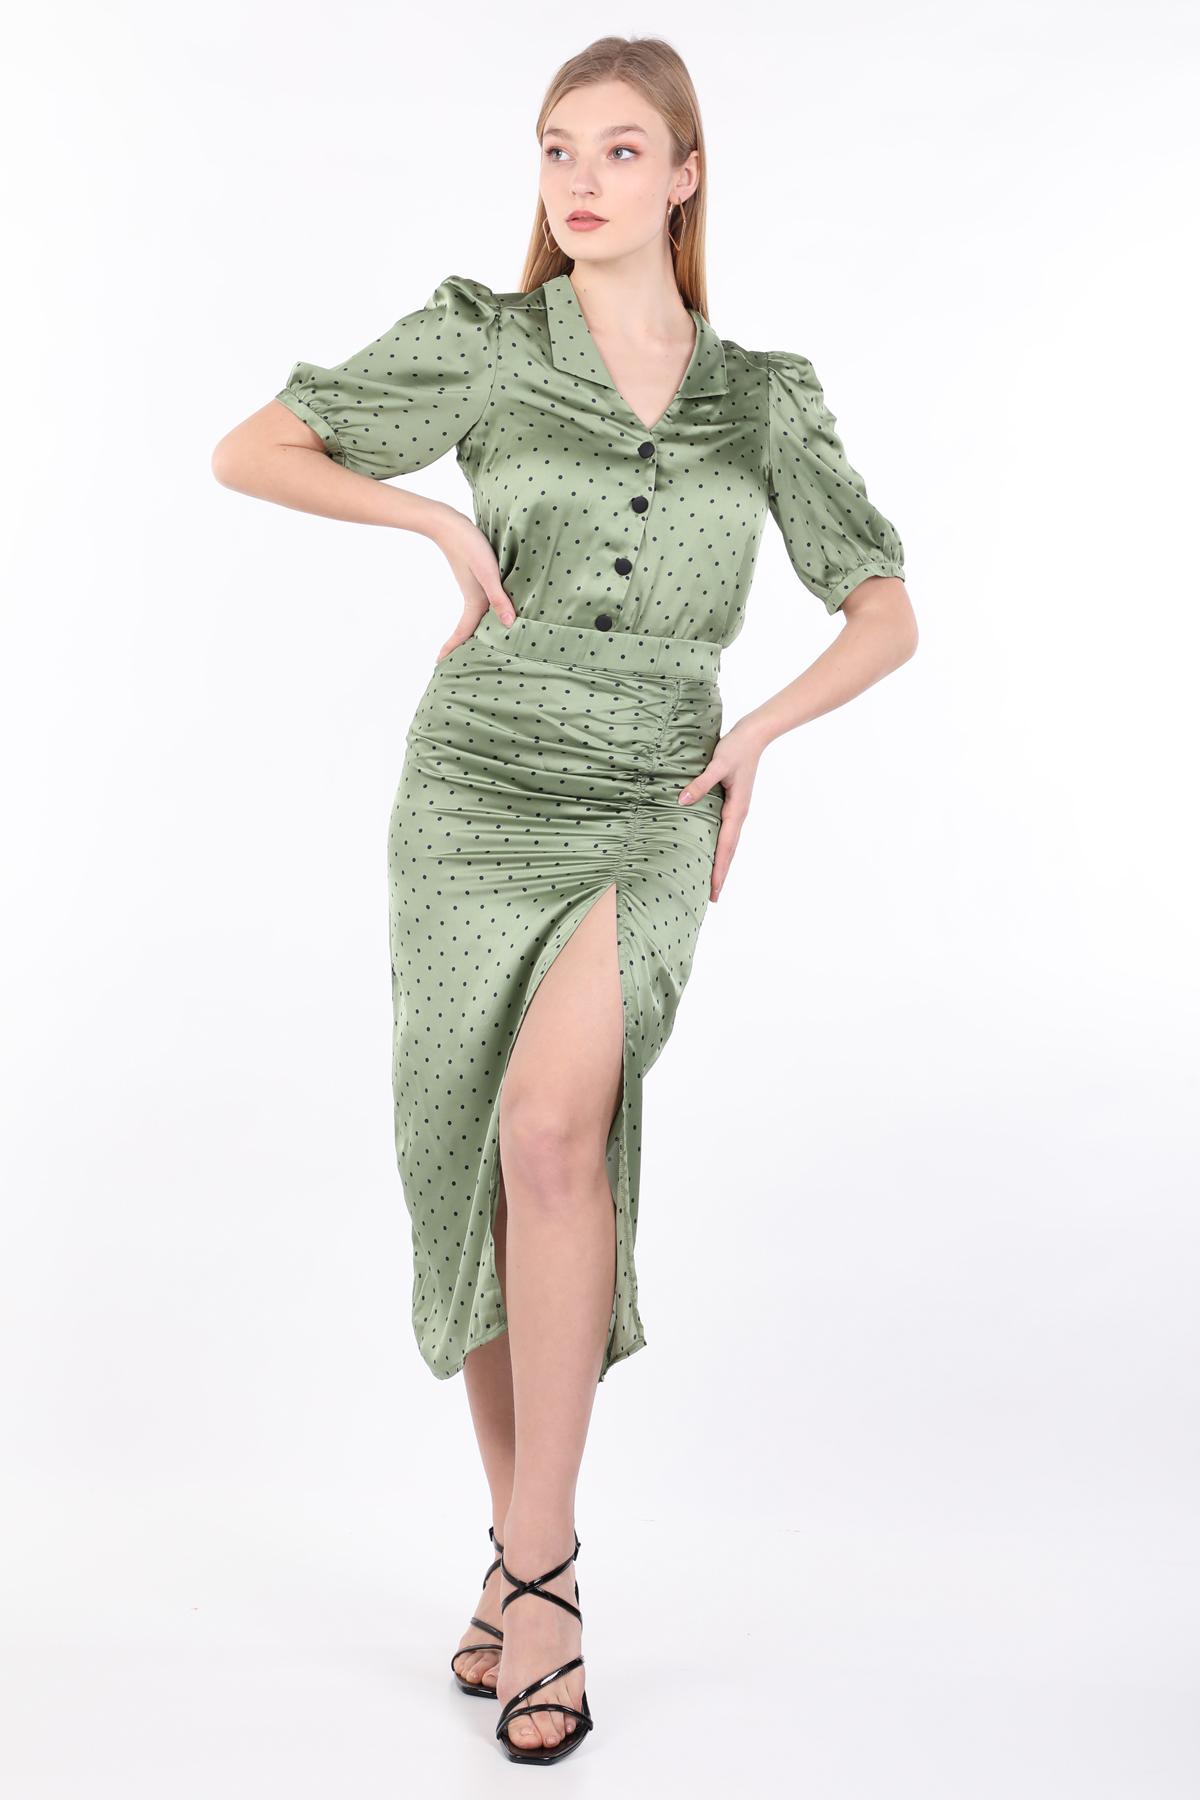 Kadın Yeşil Puantiyeli Büzgülü Etek Gömlek Takım